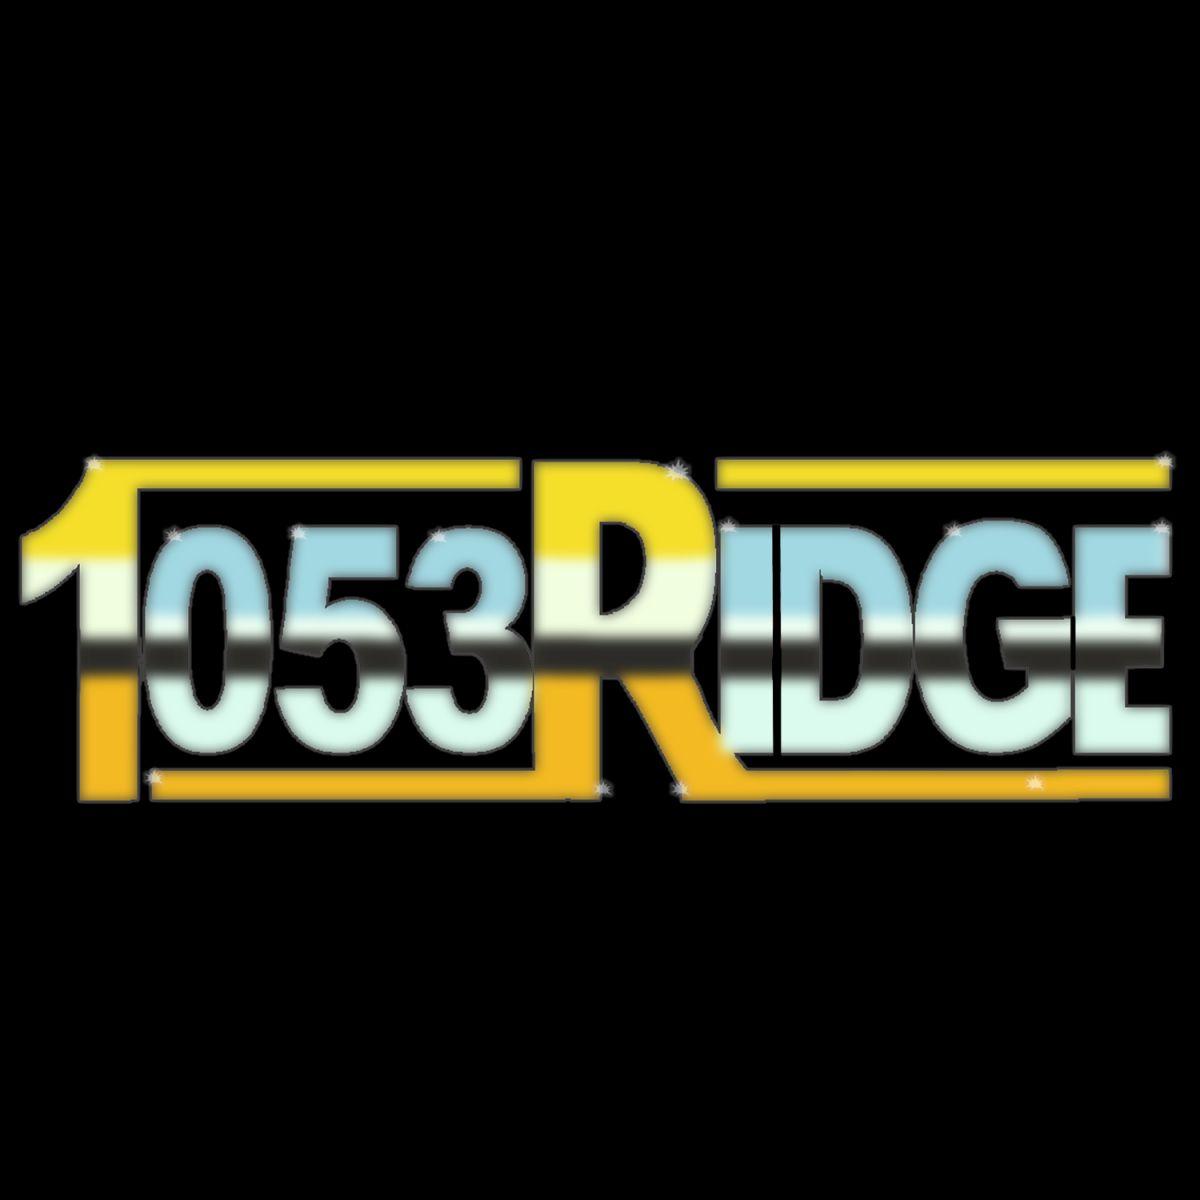 1053 Ridge